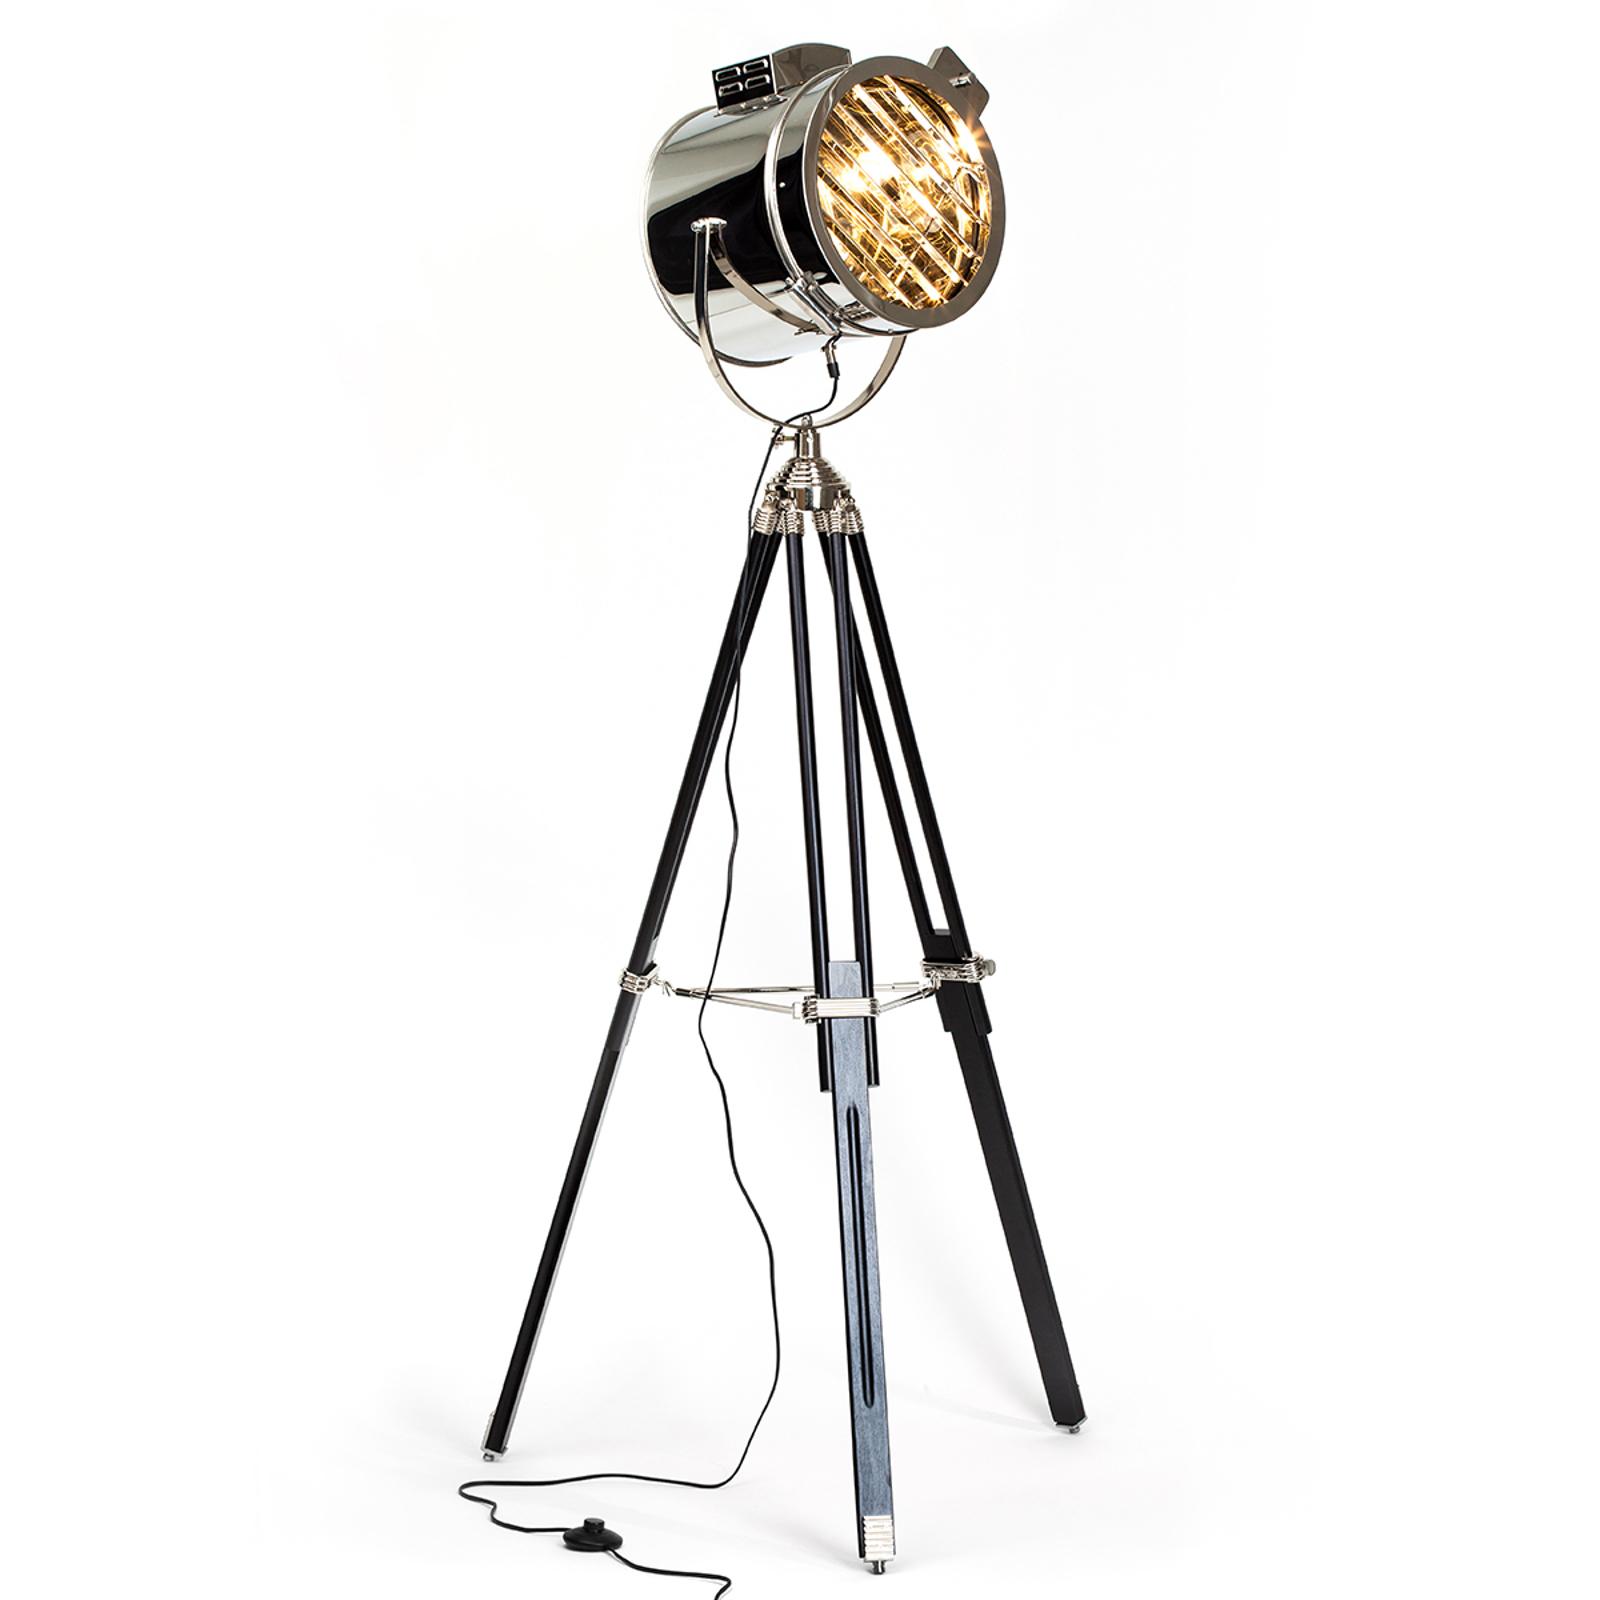 Cine stojaca lampa v dizajne reflektora